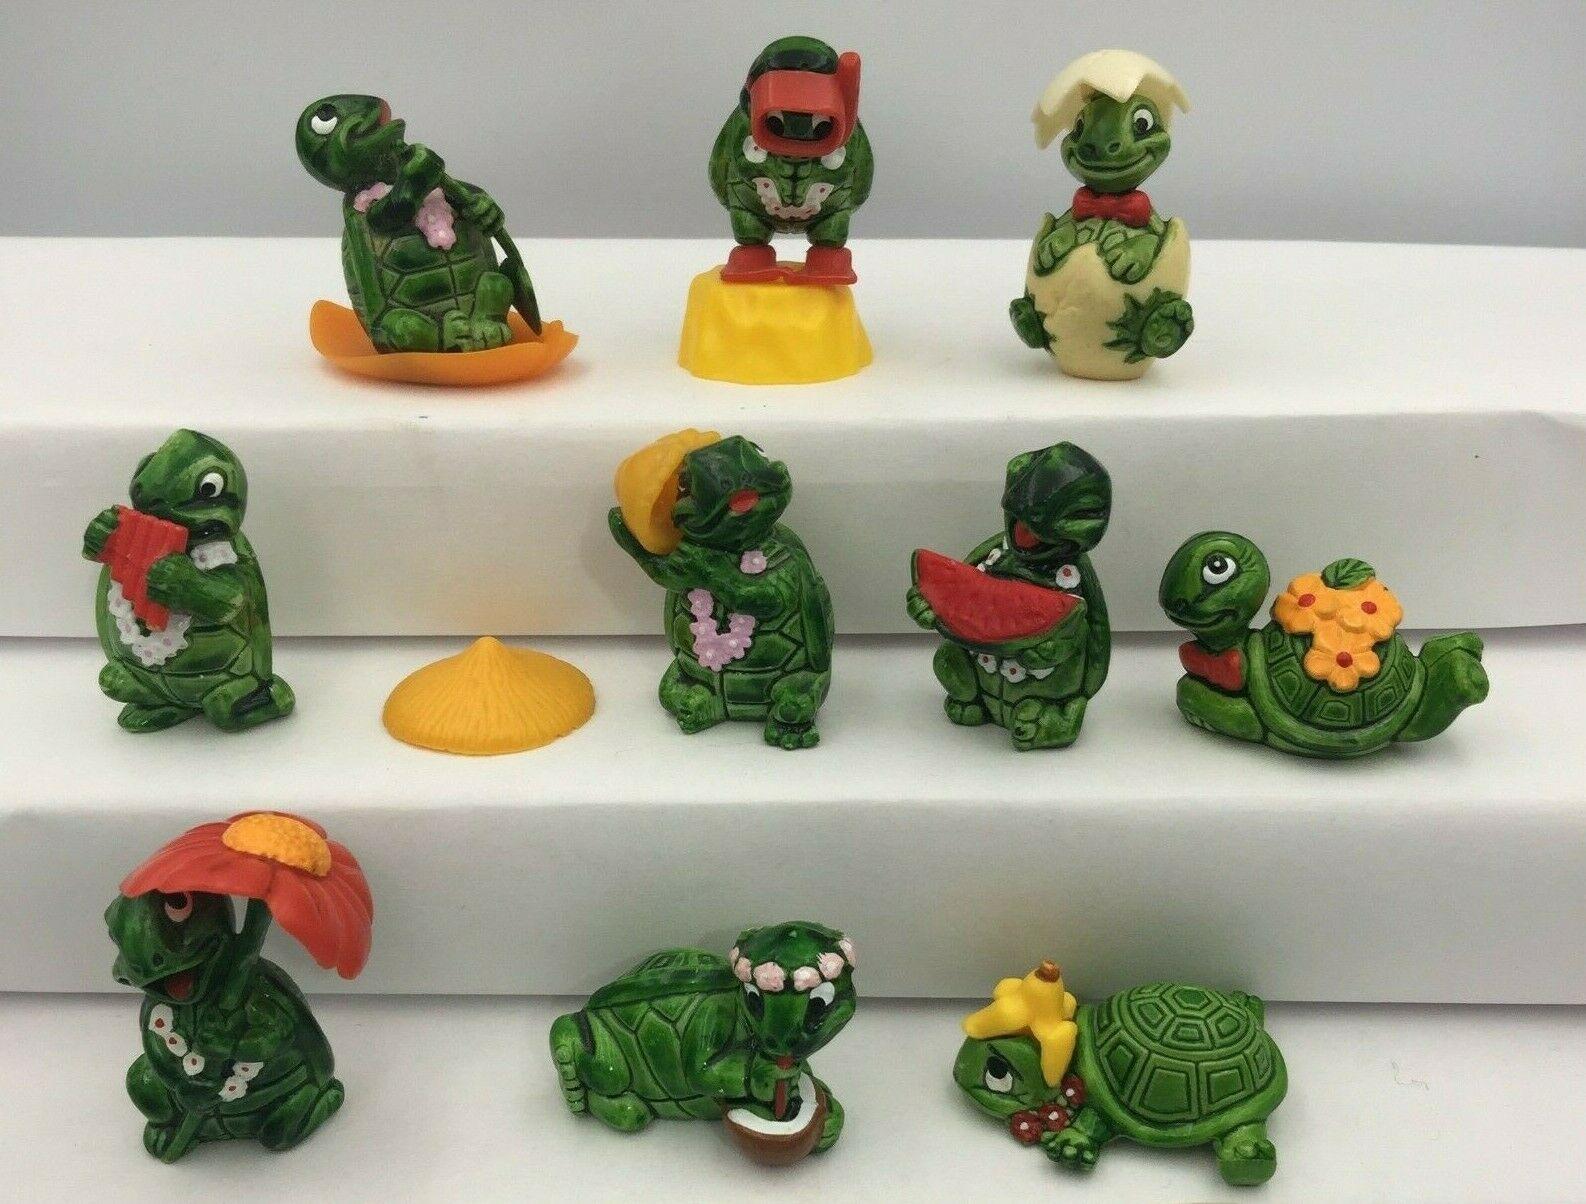 Kinder-lelut ovat muuttuneet vuosien varrella. Kilpikonnat, krokotiilit ja virtahevot ihastuttivat monia